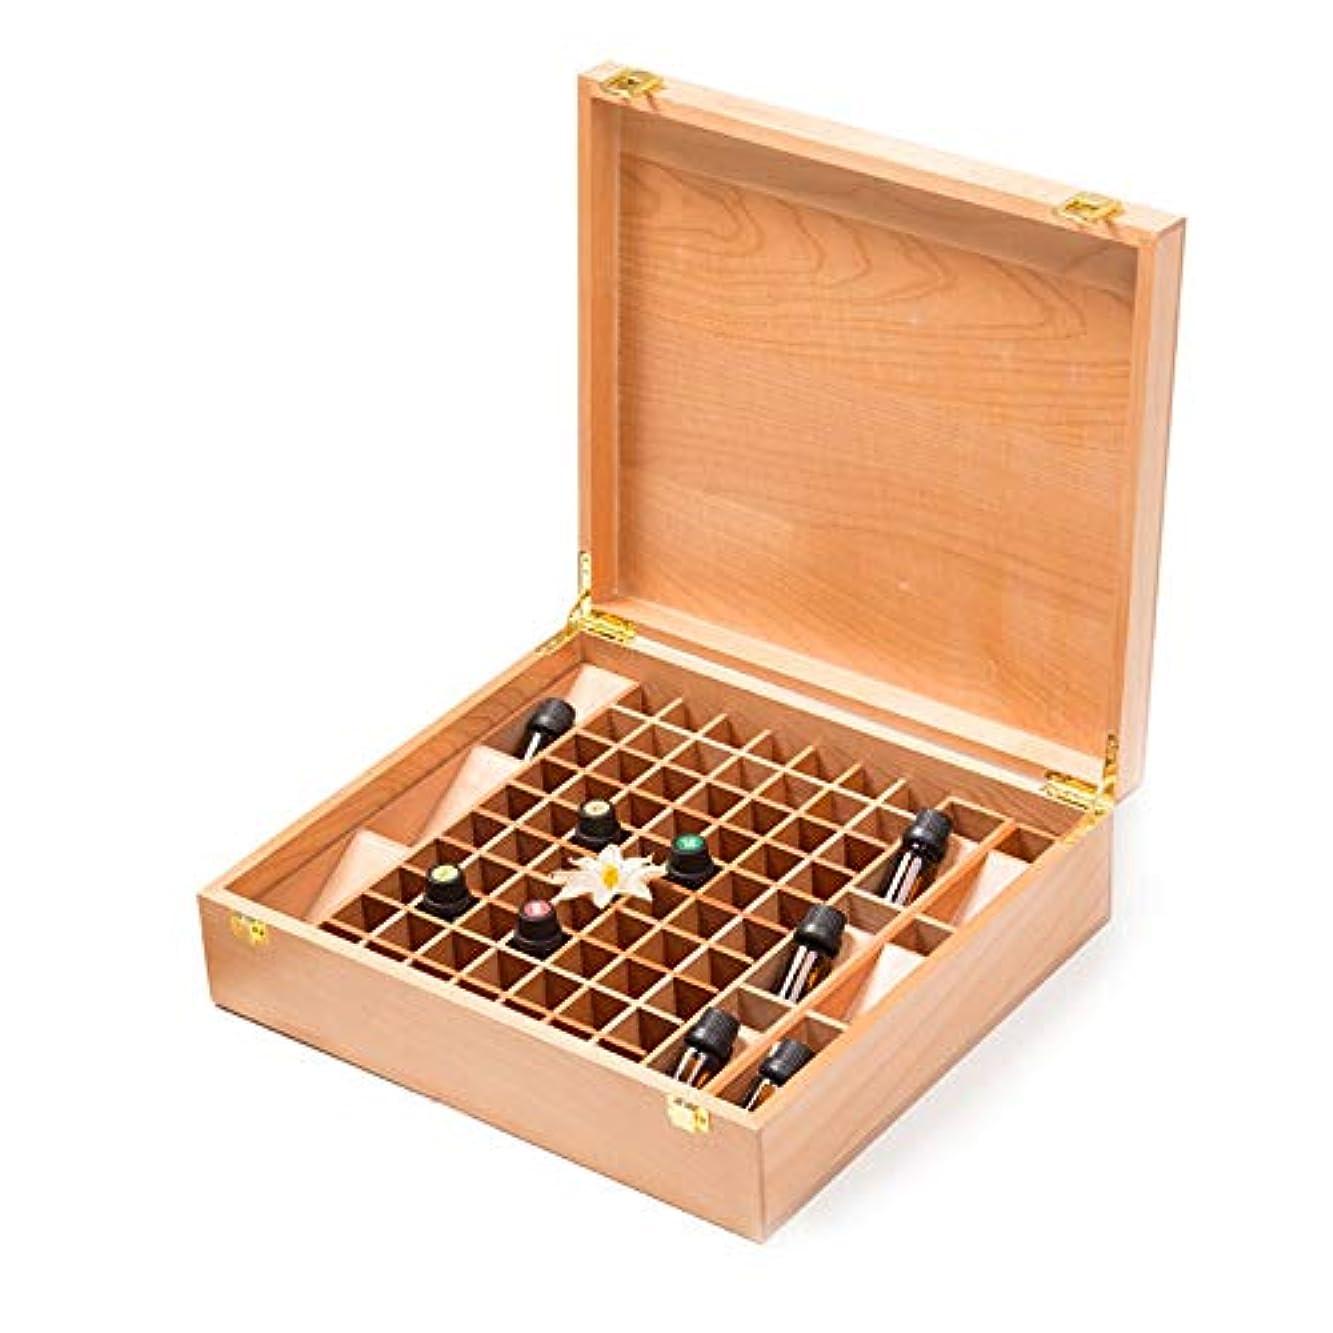 同意粗い狂人精油ケース 手作りの木製エッセンシャルオイルストレージボックスパーフェクトエッセンシャルオイルのケースは、70本の油のボトルを保持します 携帯便利 (色 : Natural, サイズ : 44X31.5X10.5CM)